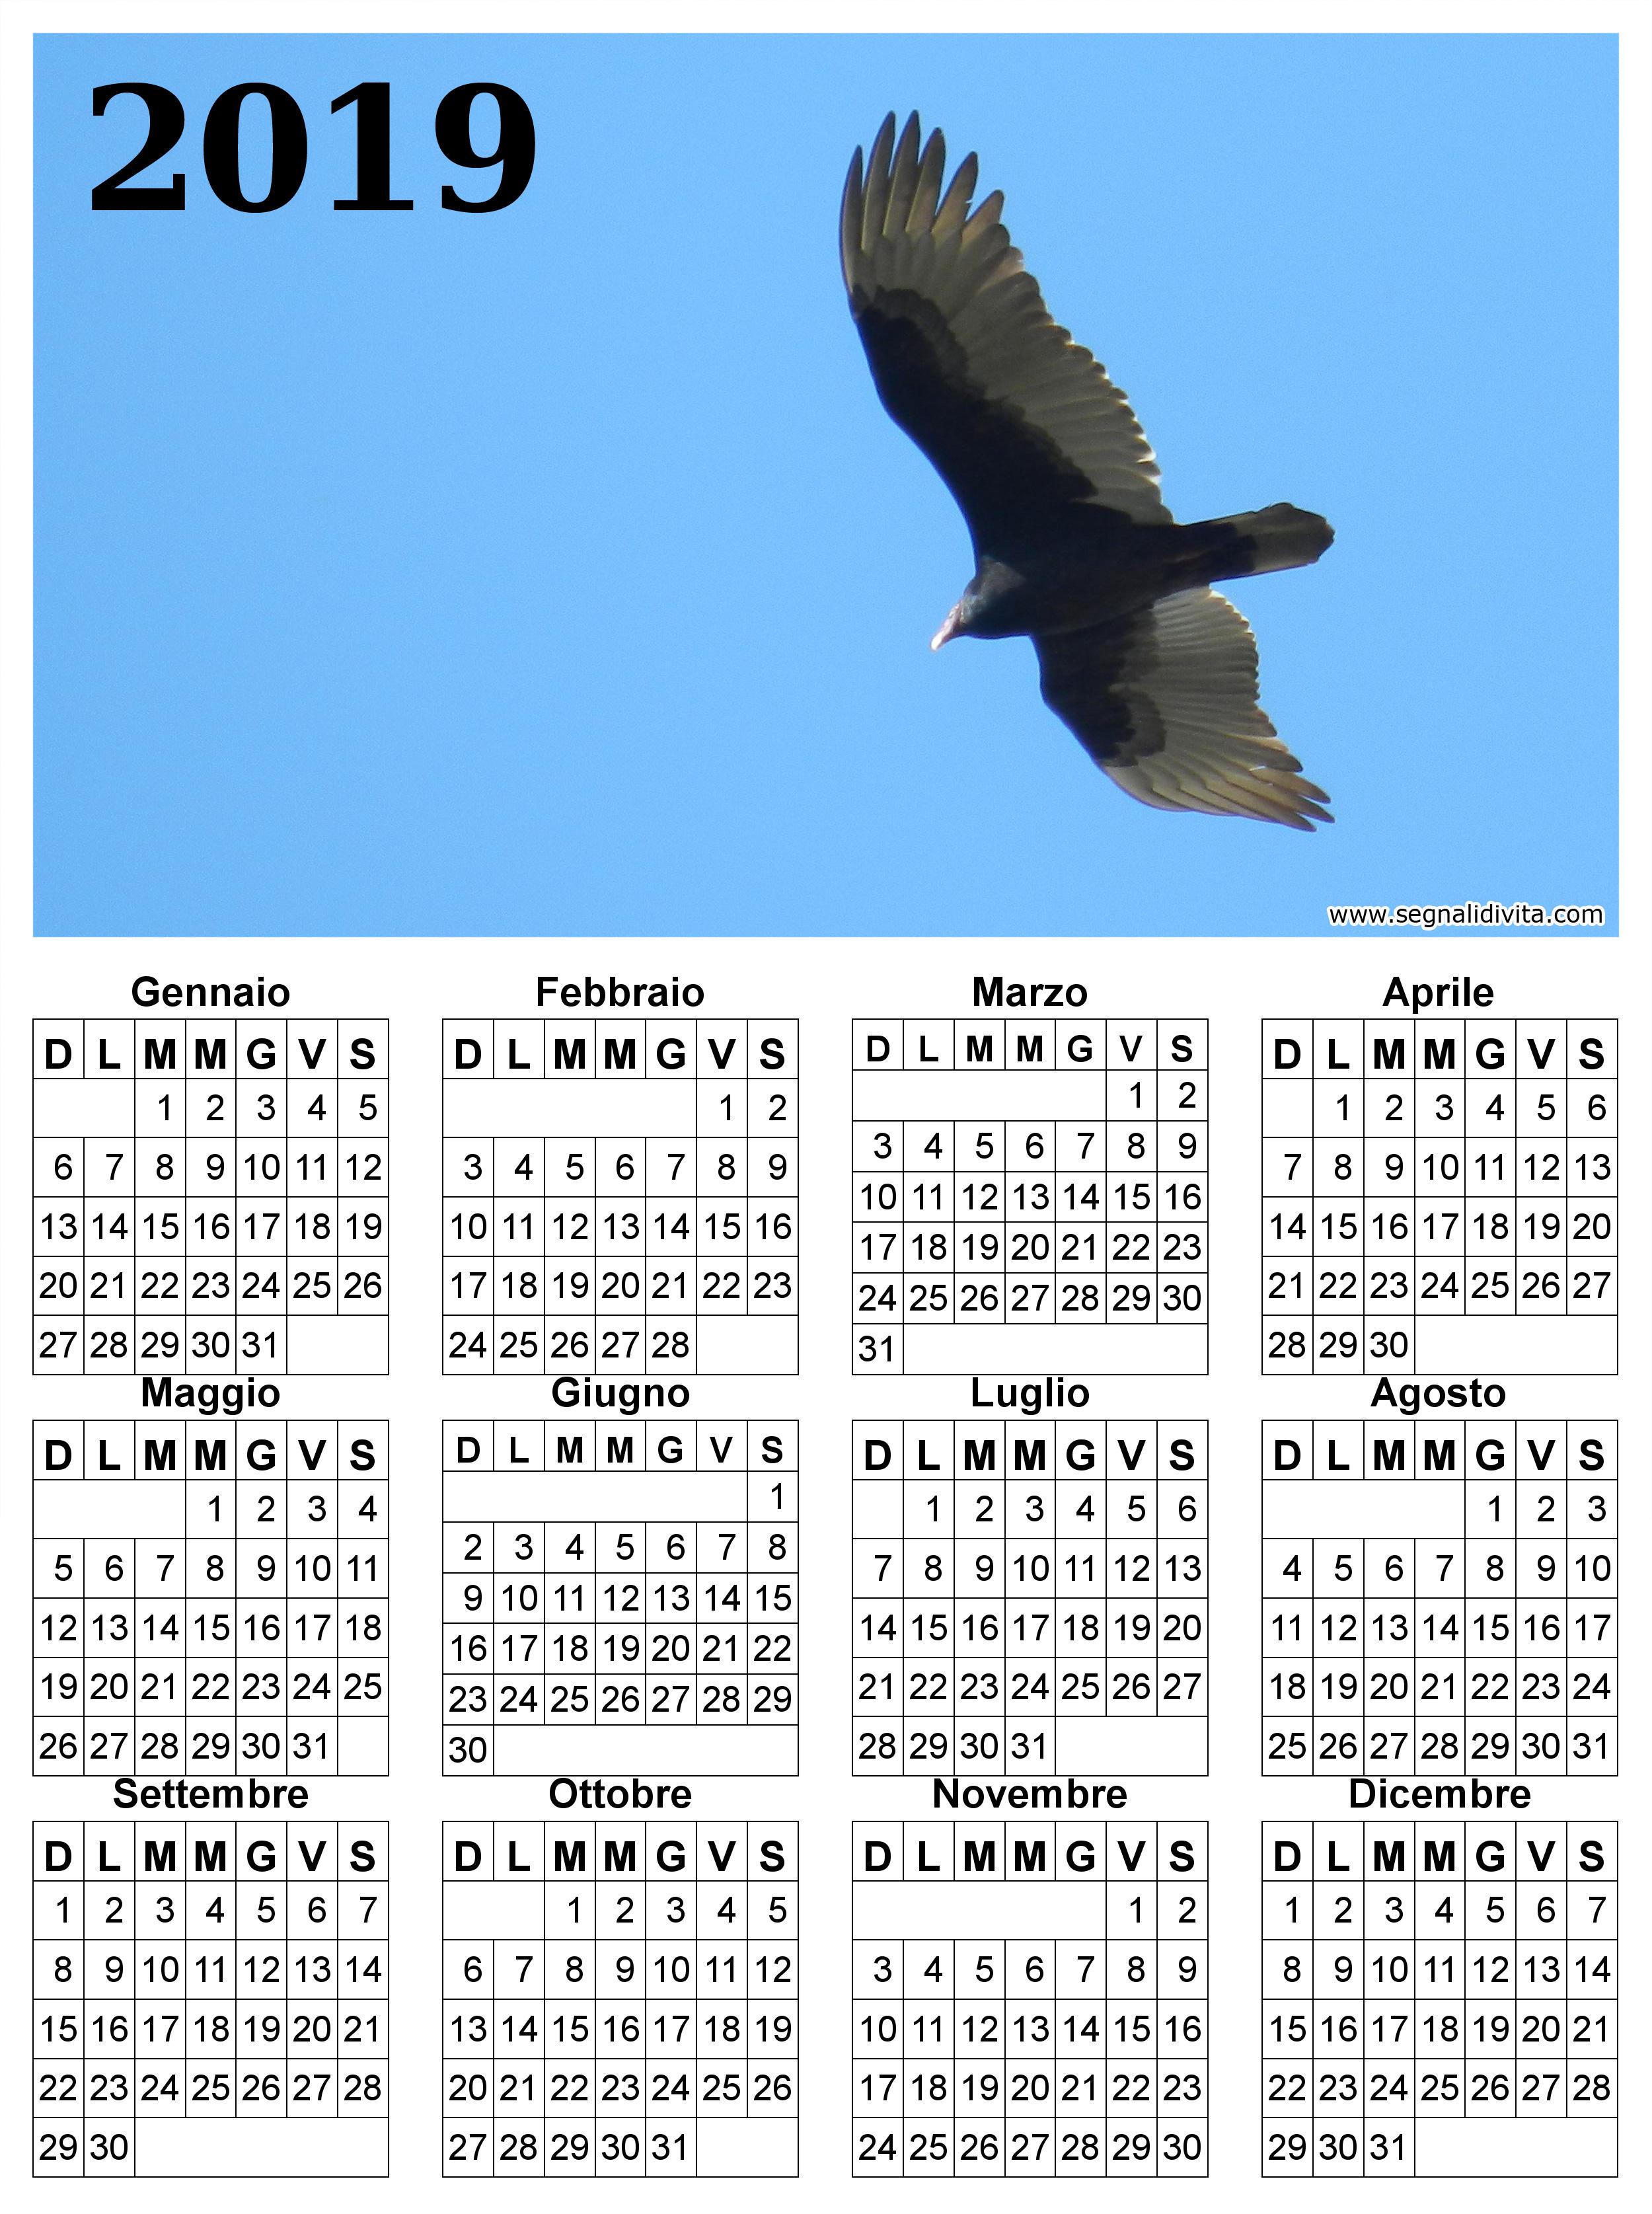 Calendario il volo del 2019